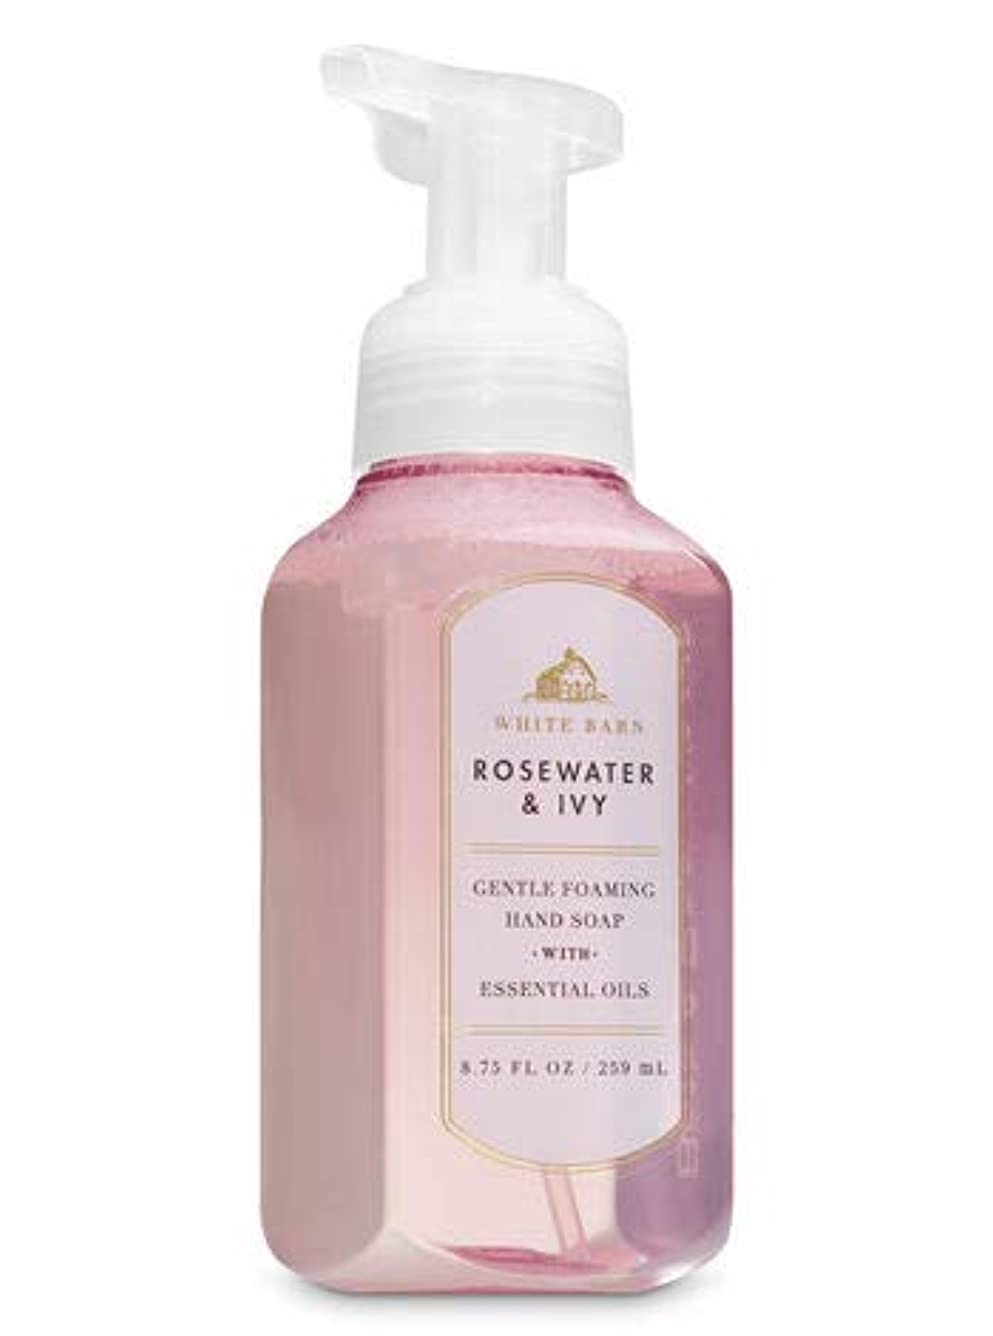 不規則性受け入れなのでバス&ボディワークス ローズウォーター&アイビー ジェントル フォーミング ハンドソープ Rose Water & Ivy Gentle Foaming Hand Soap